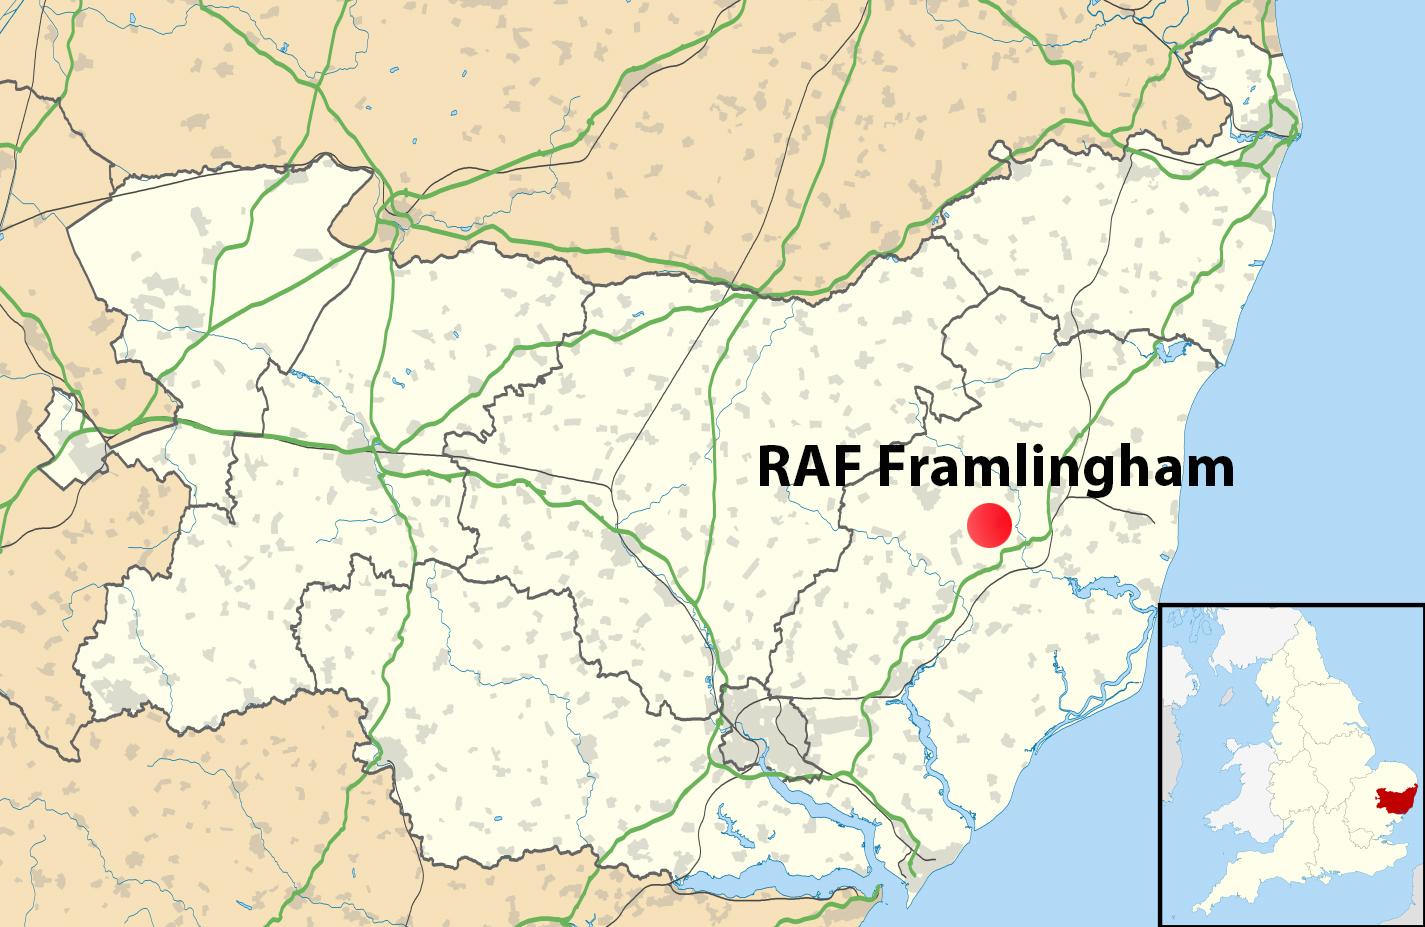 RAF Framlingham_map of Suffolk